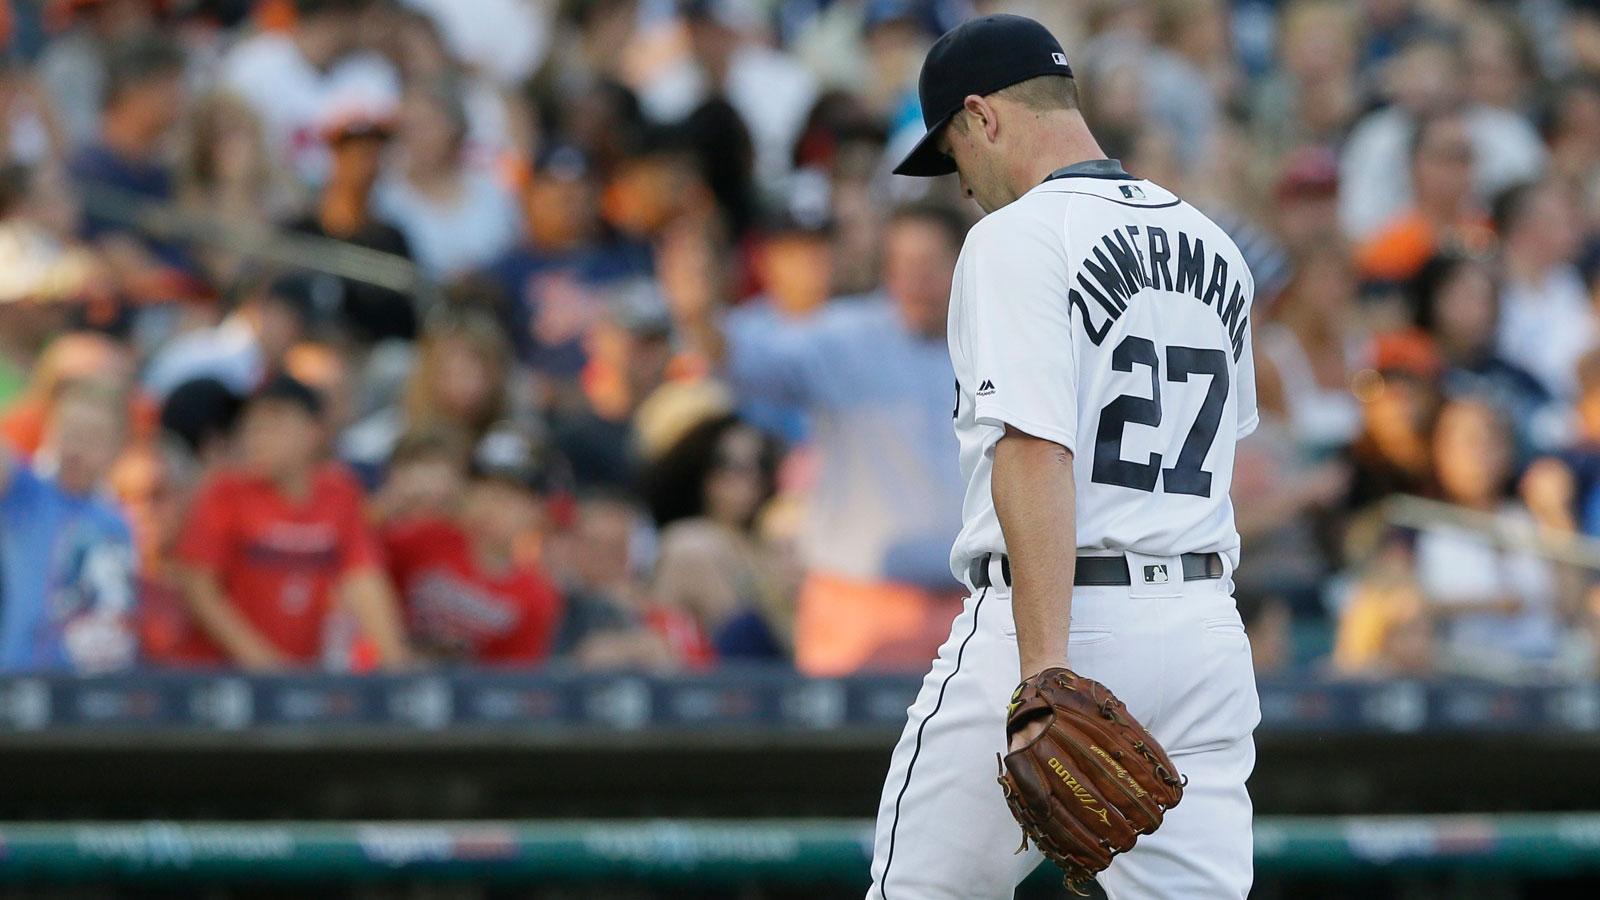 Detroit's Zimmermann headed back to DL